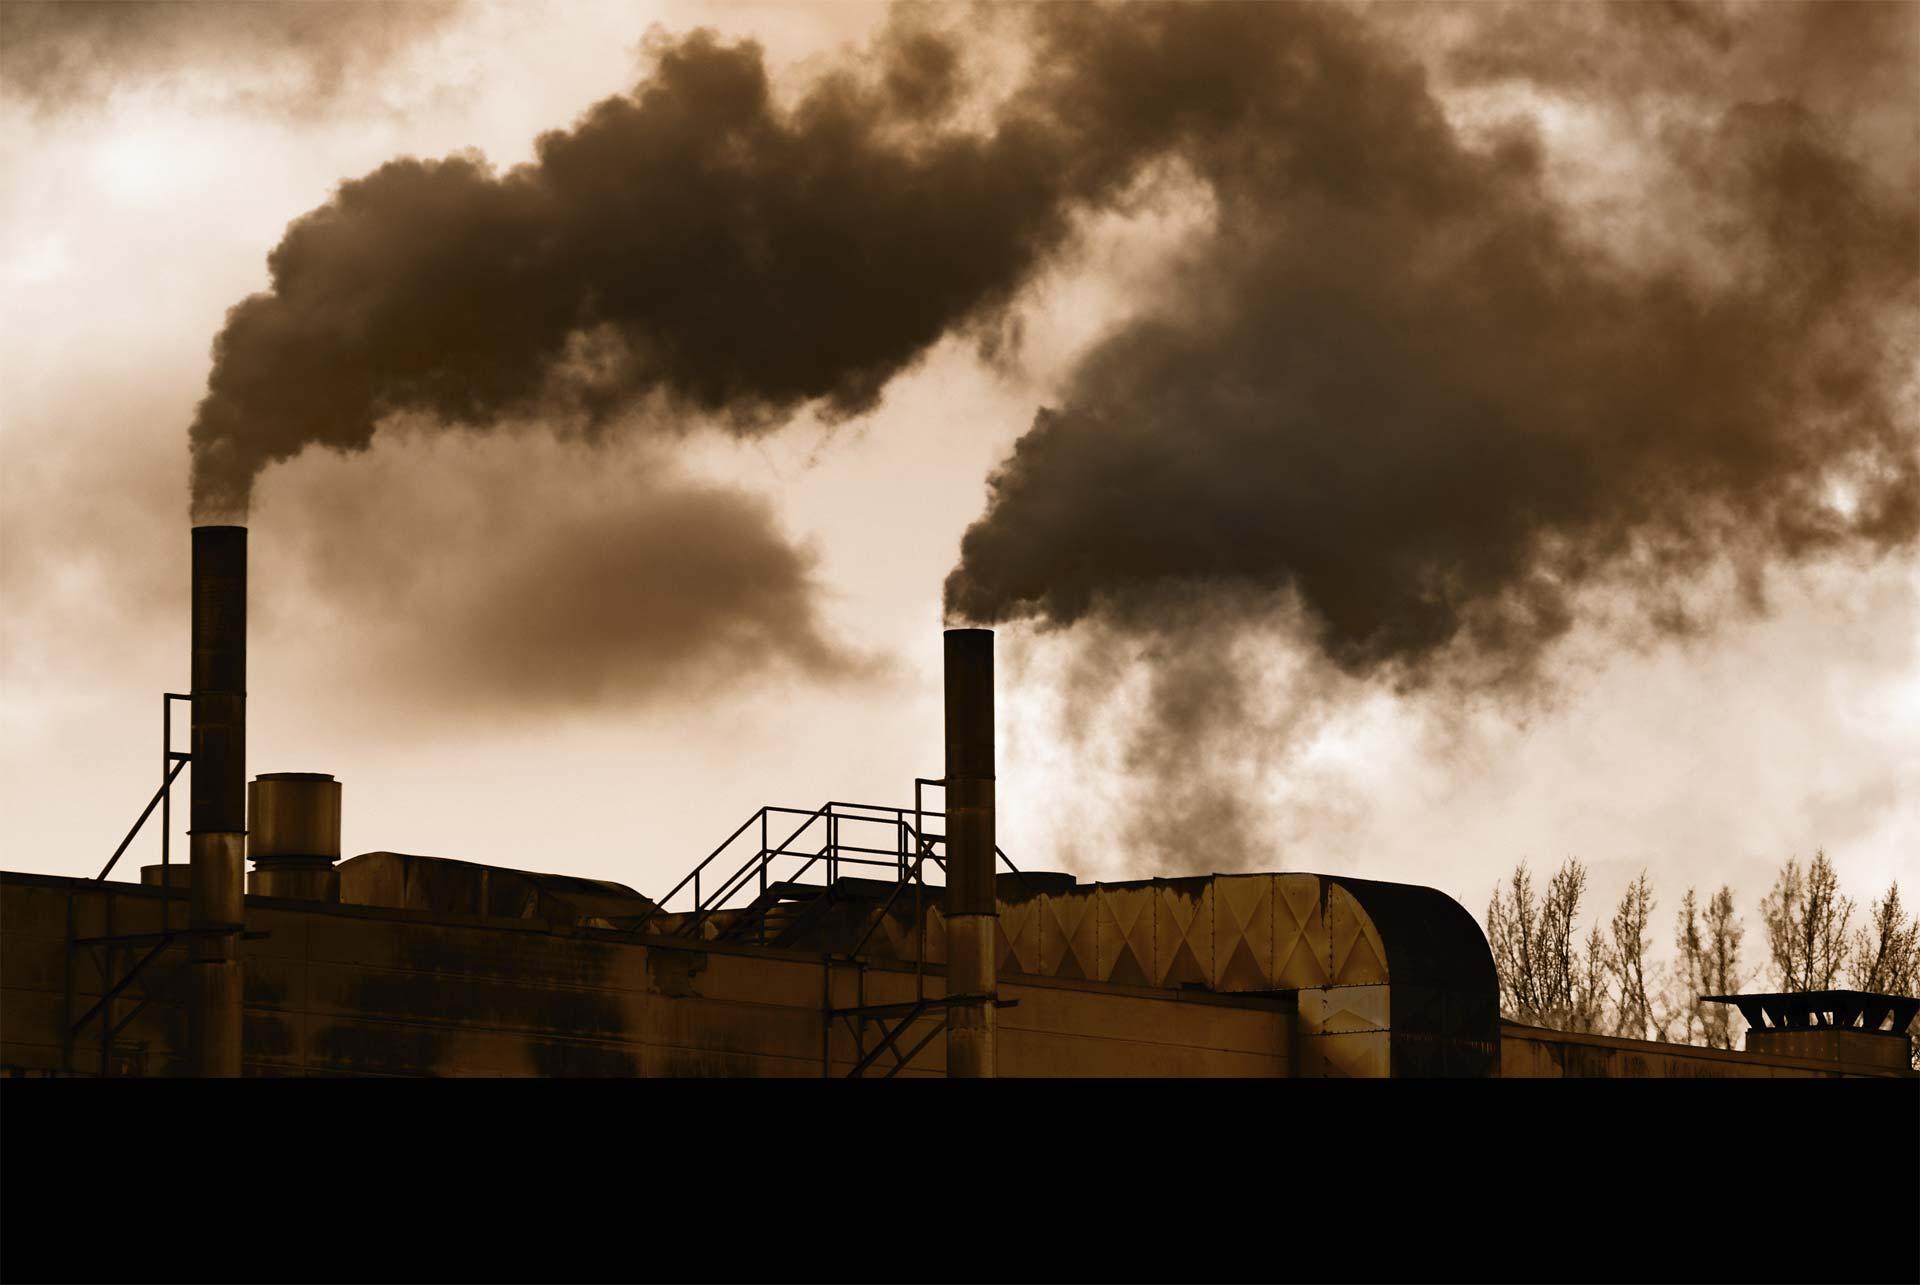 Alega que los países del primer mundo son los principales responsables del daño a su ecosistema